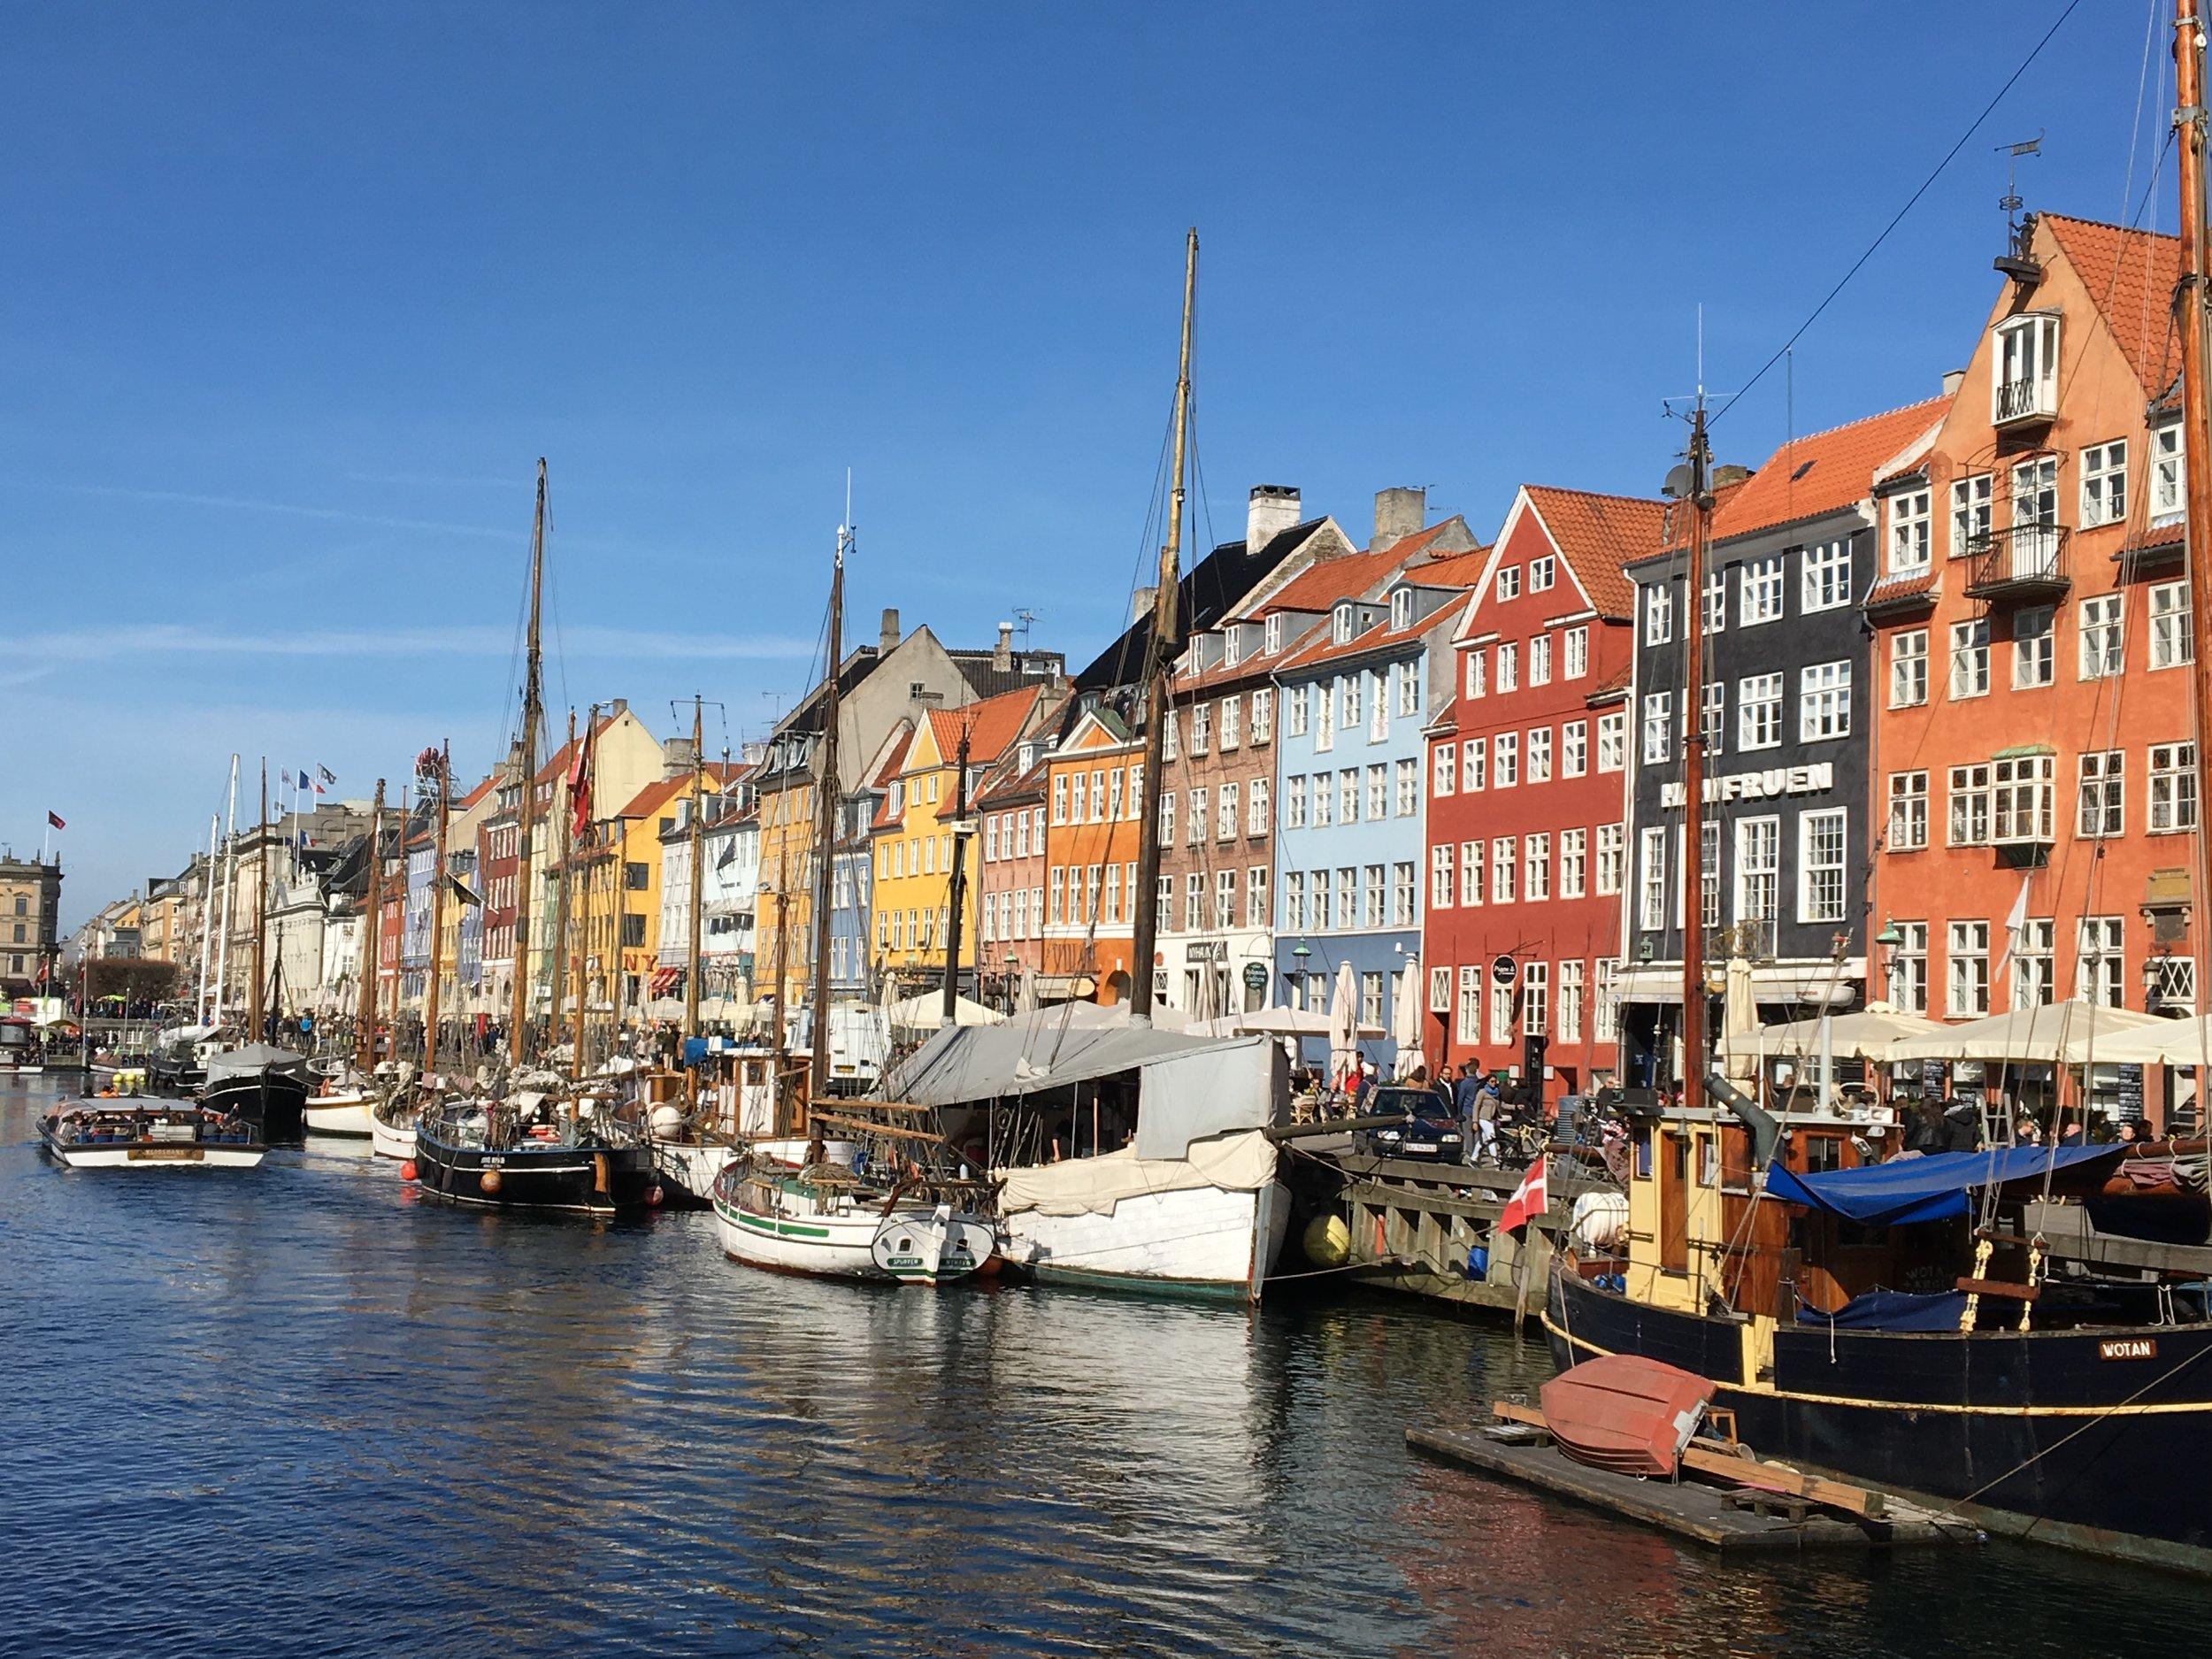 Copenhagen's picturesque Nyhaven District